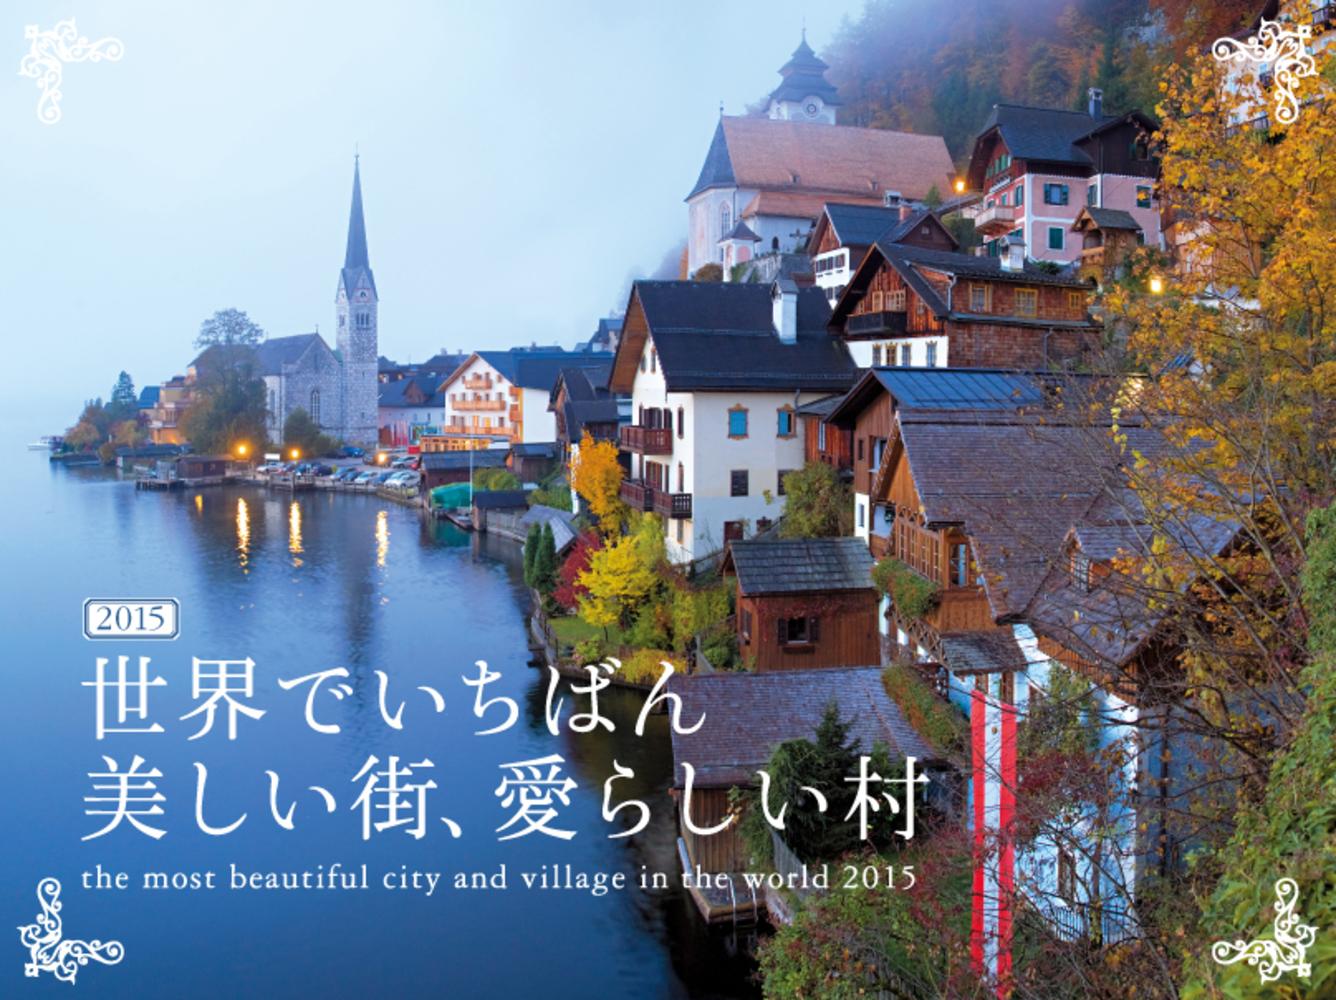 2015世界でいちばん美しい街、愛らしい村